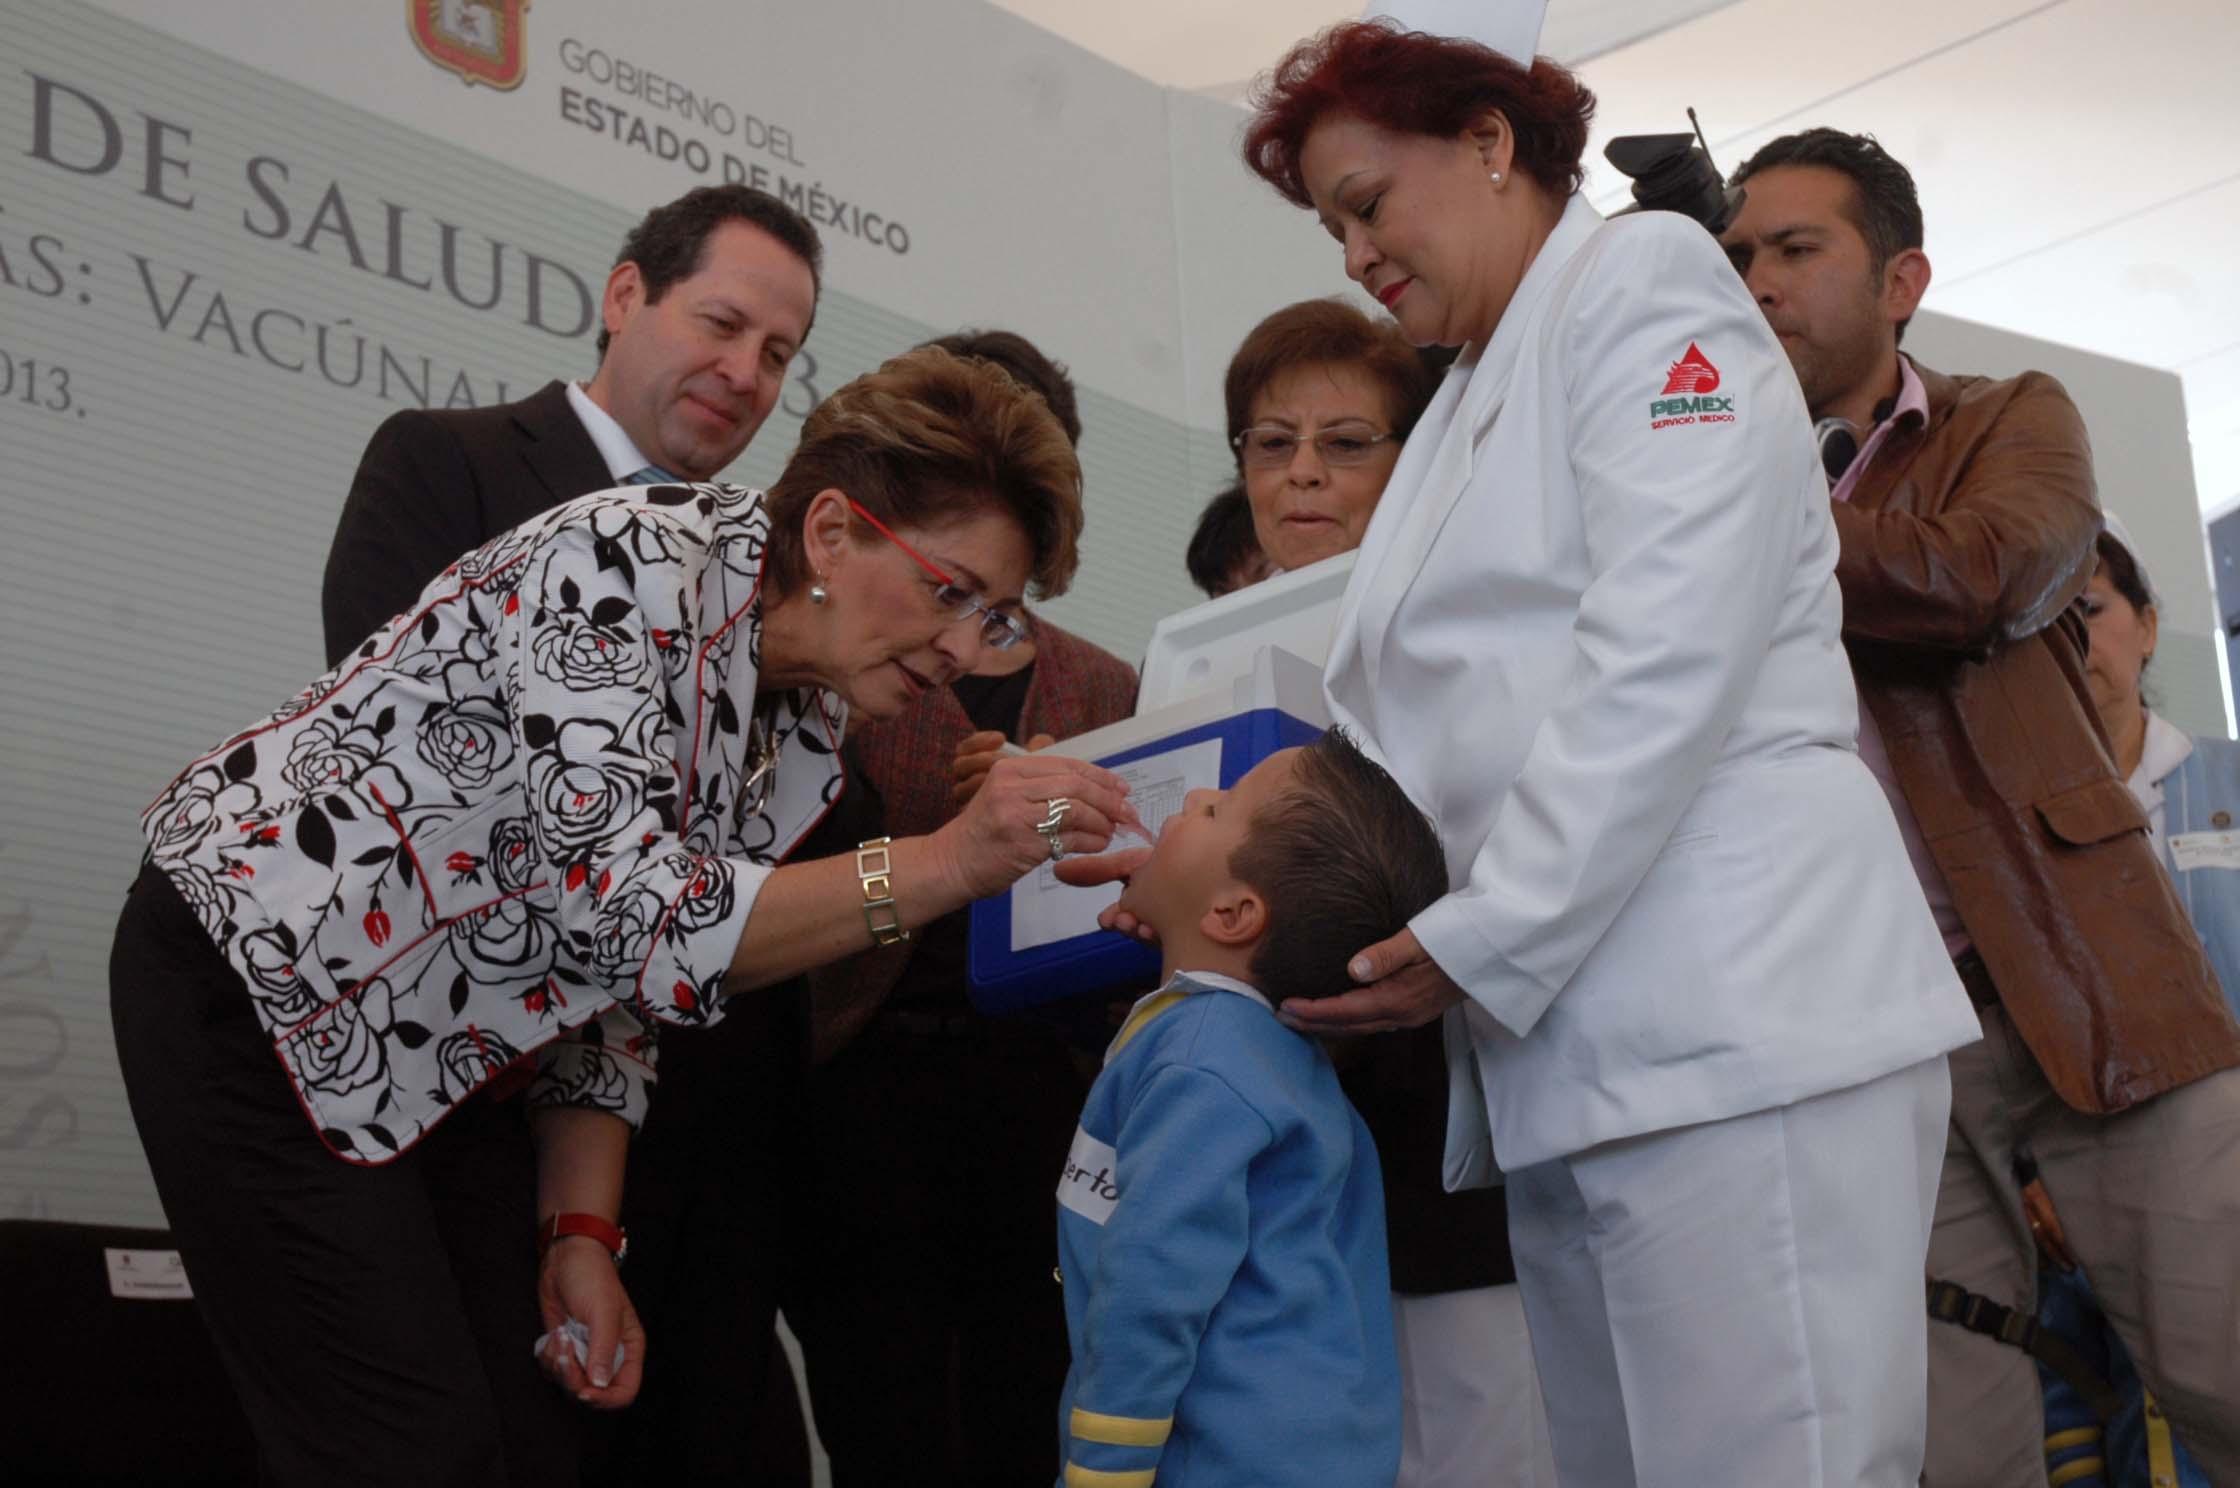 primera semada nacional de salud02jpg